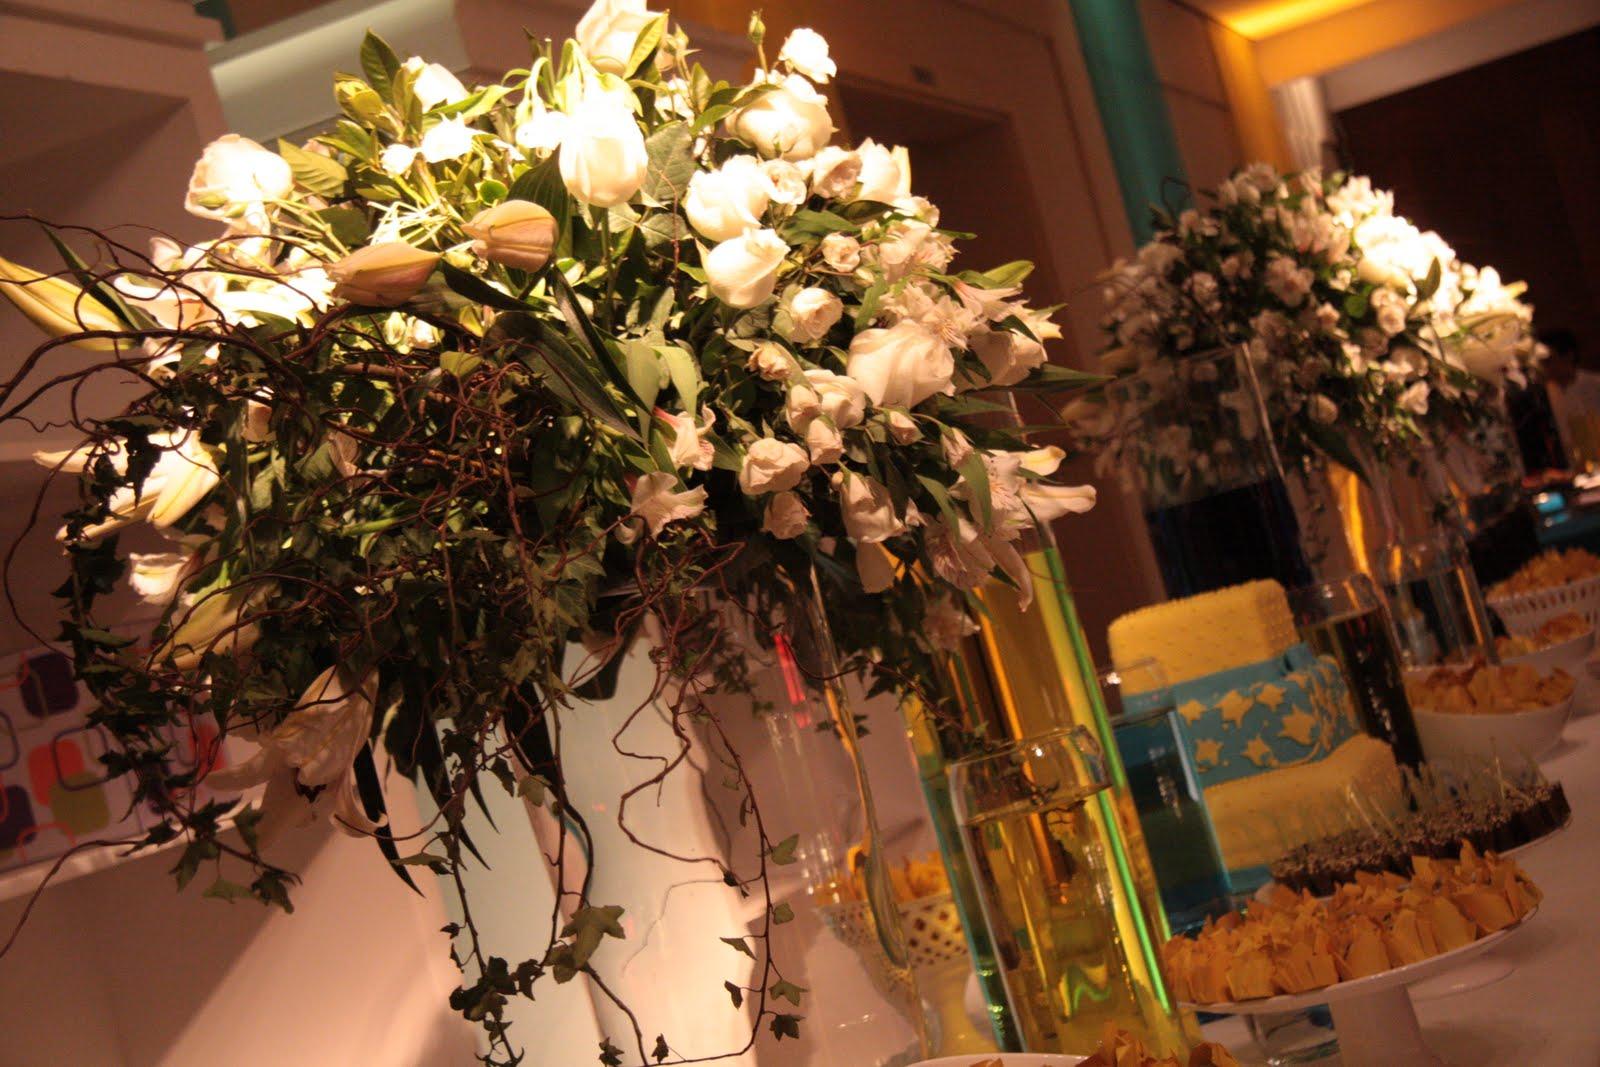 balada de um banco de jardim os azeitonas : balada de um banco de jardim os azeitonas:Adriana Coselli Marcondes: FESTA 18 ANOS